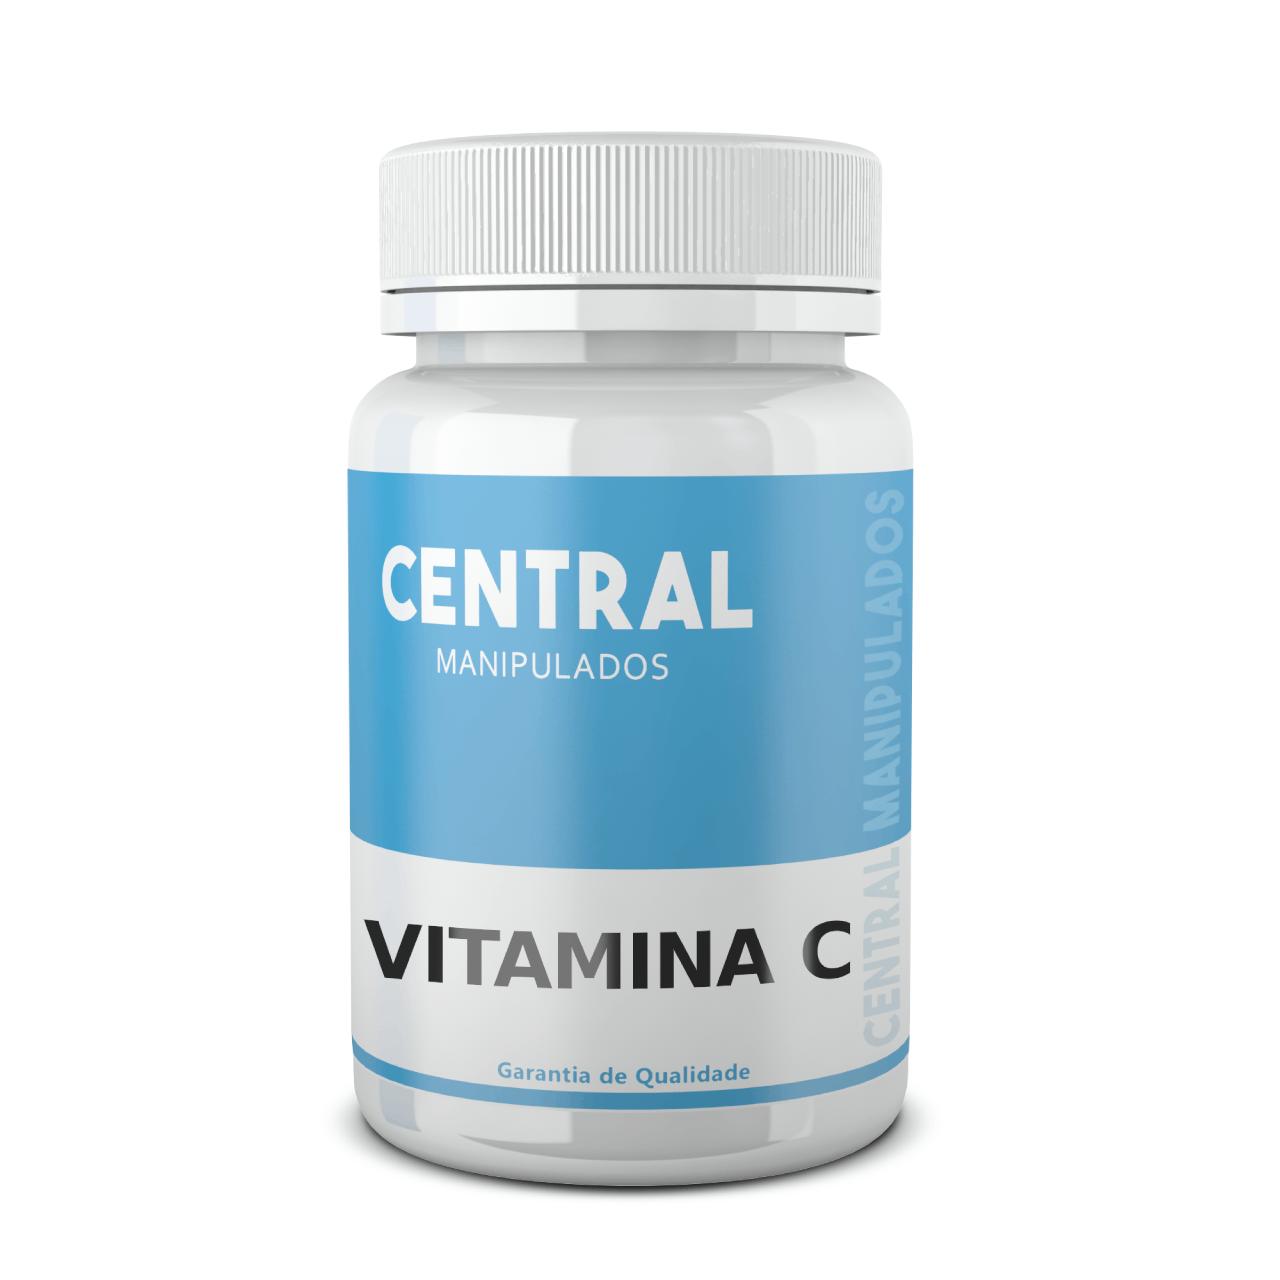 Vitamina C 1 Grama - 120 Cápsulas - Reforço para Imunidade